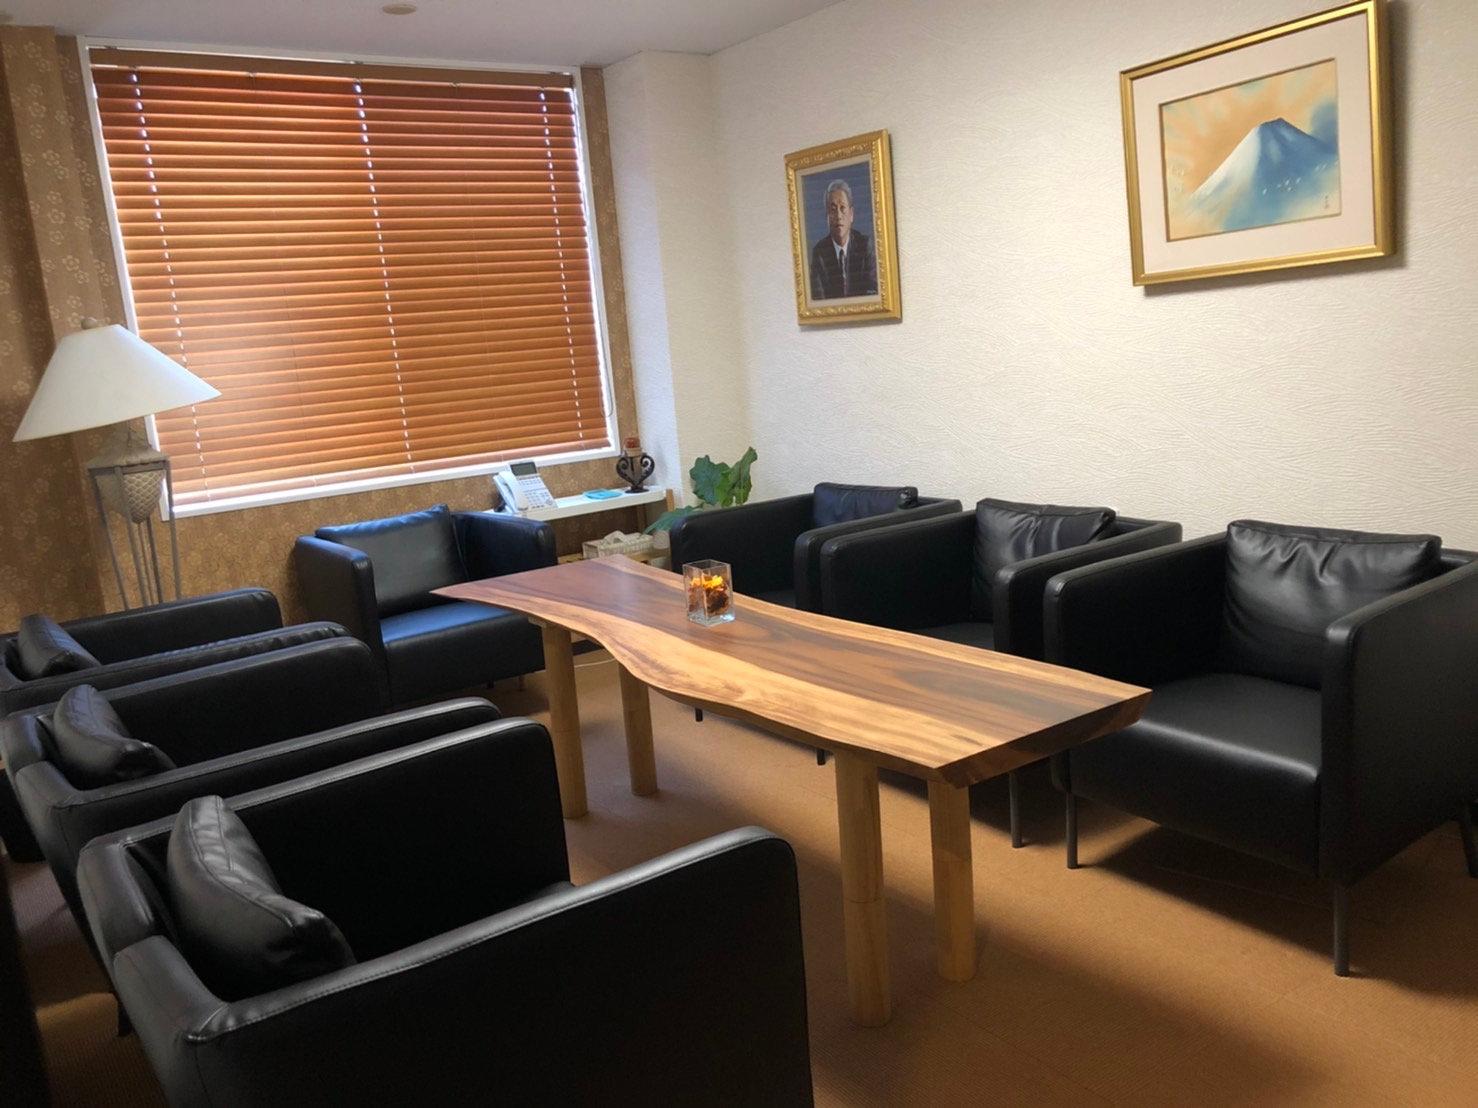 ■ Rental space Meeting Rooms drop-in